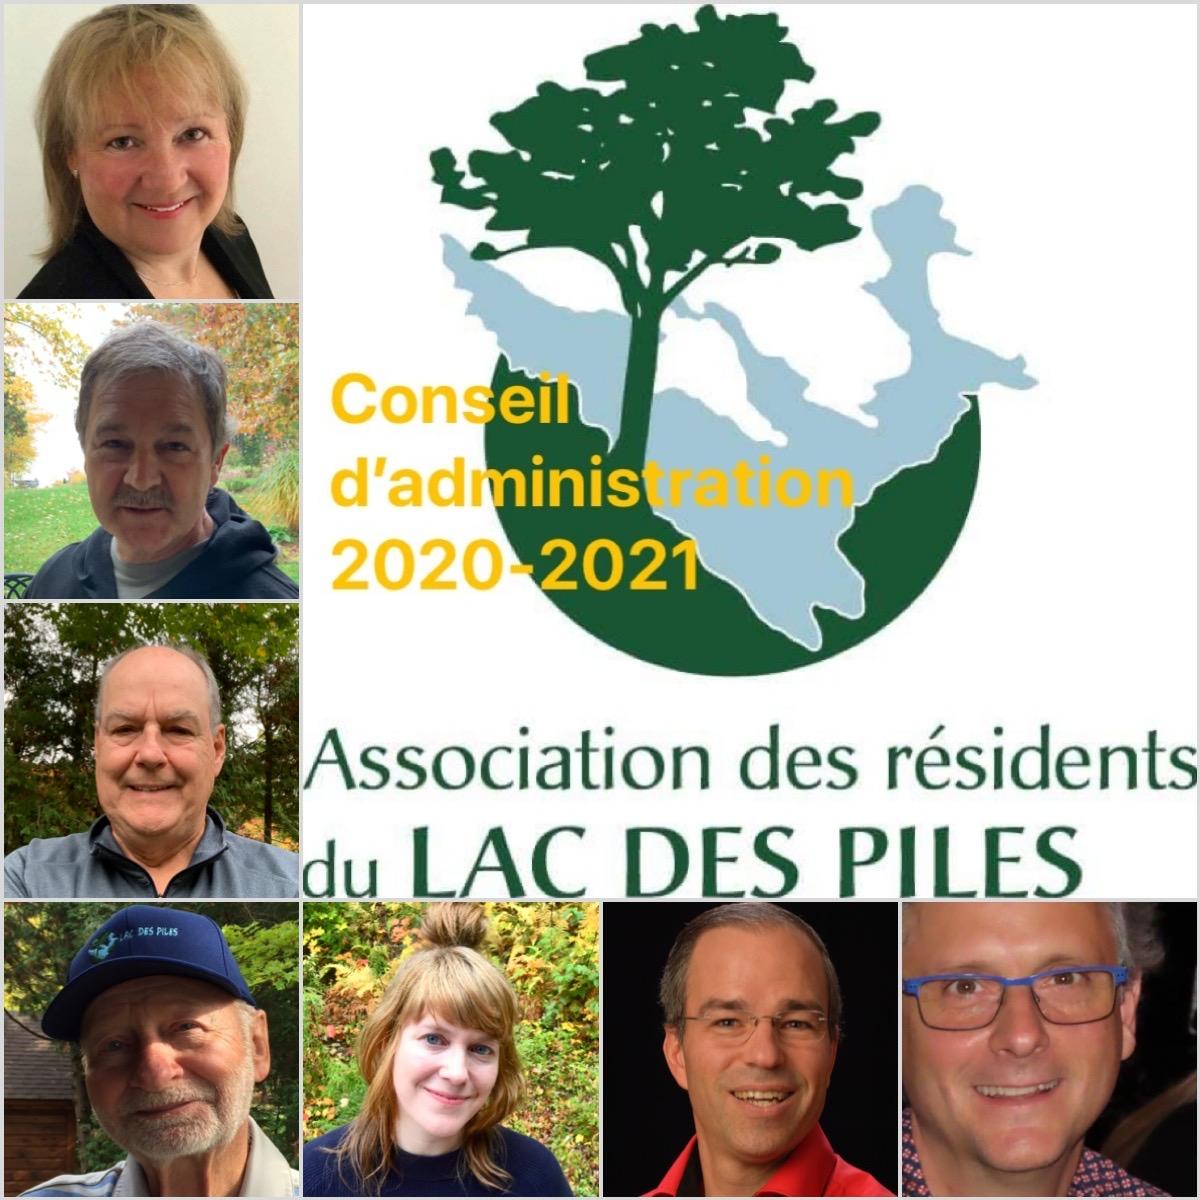 Le conseil d'administration 2020-2021